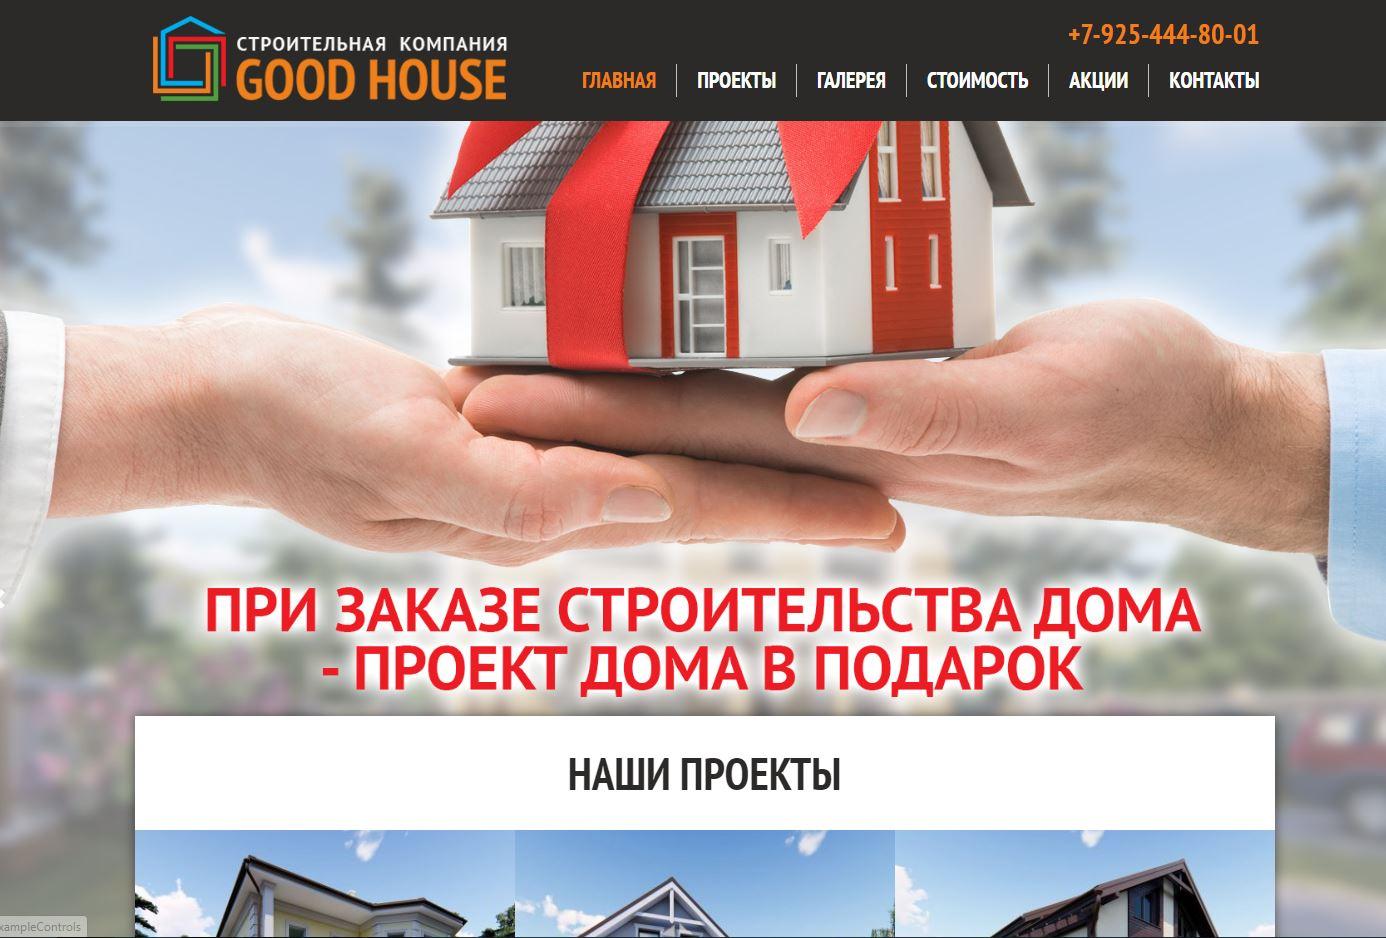 Создание сайта строительной компании «Good house»